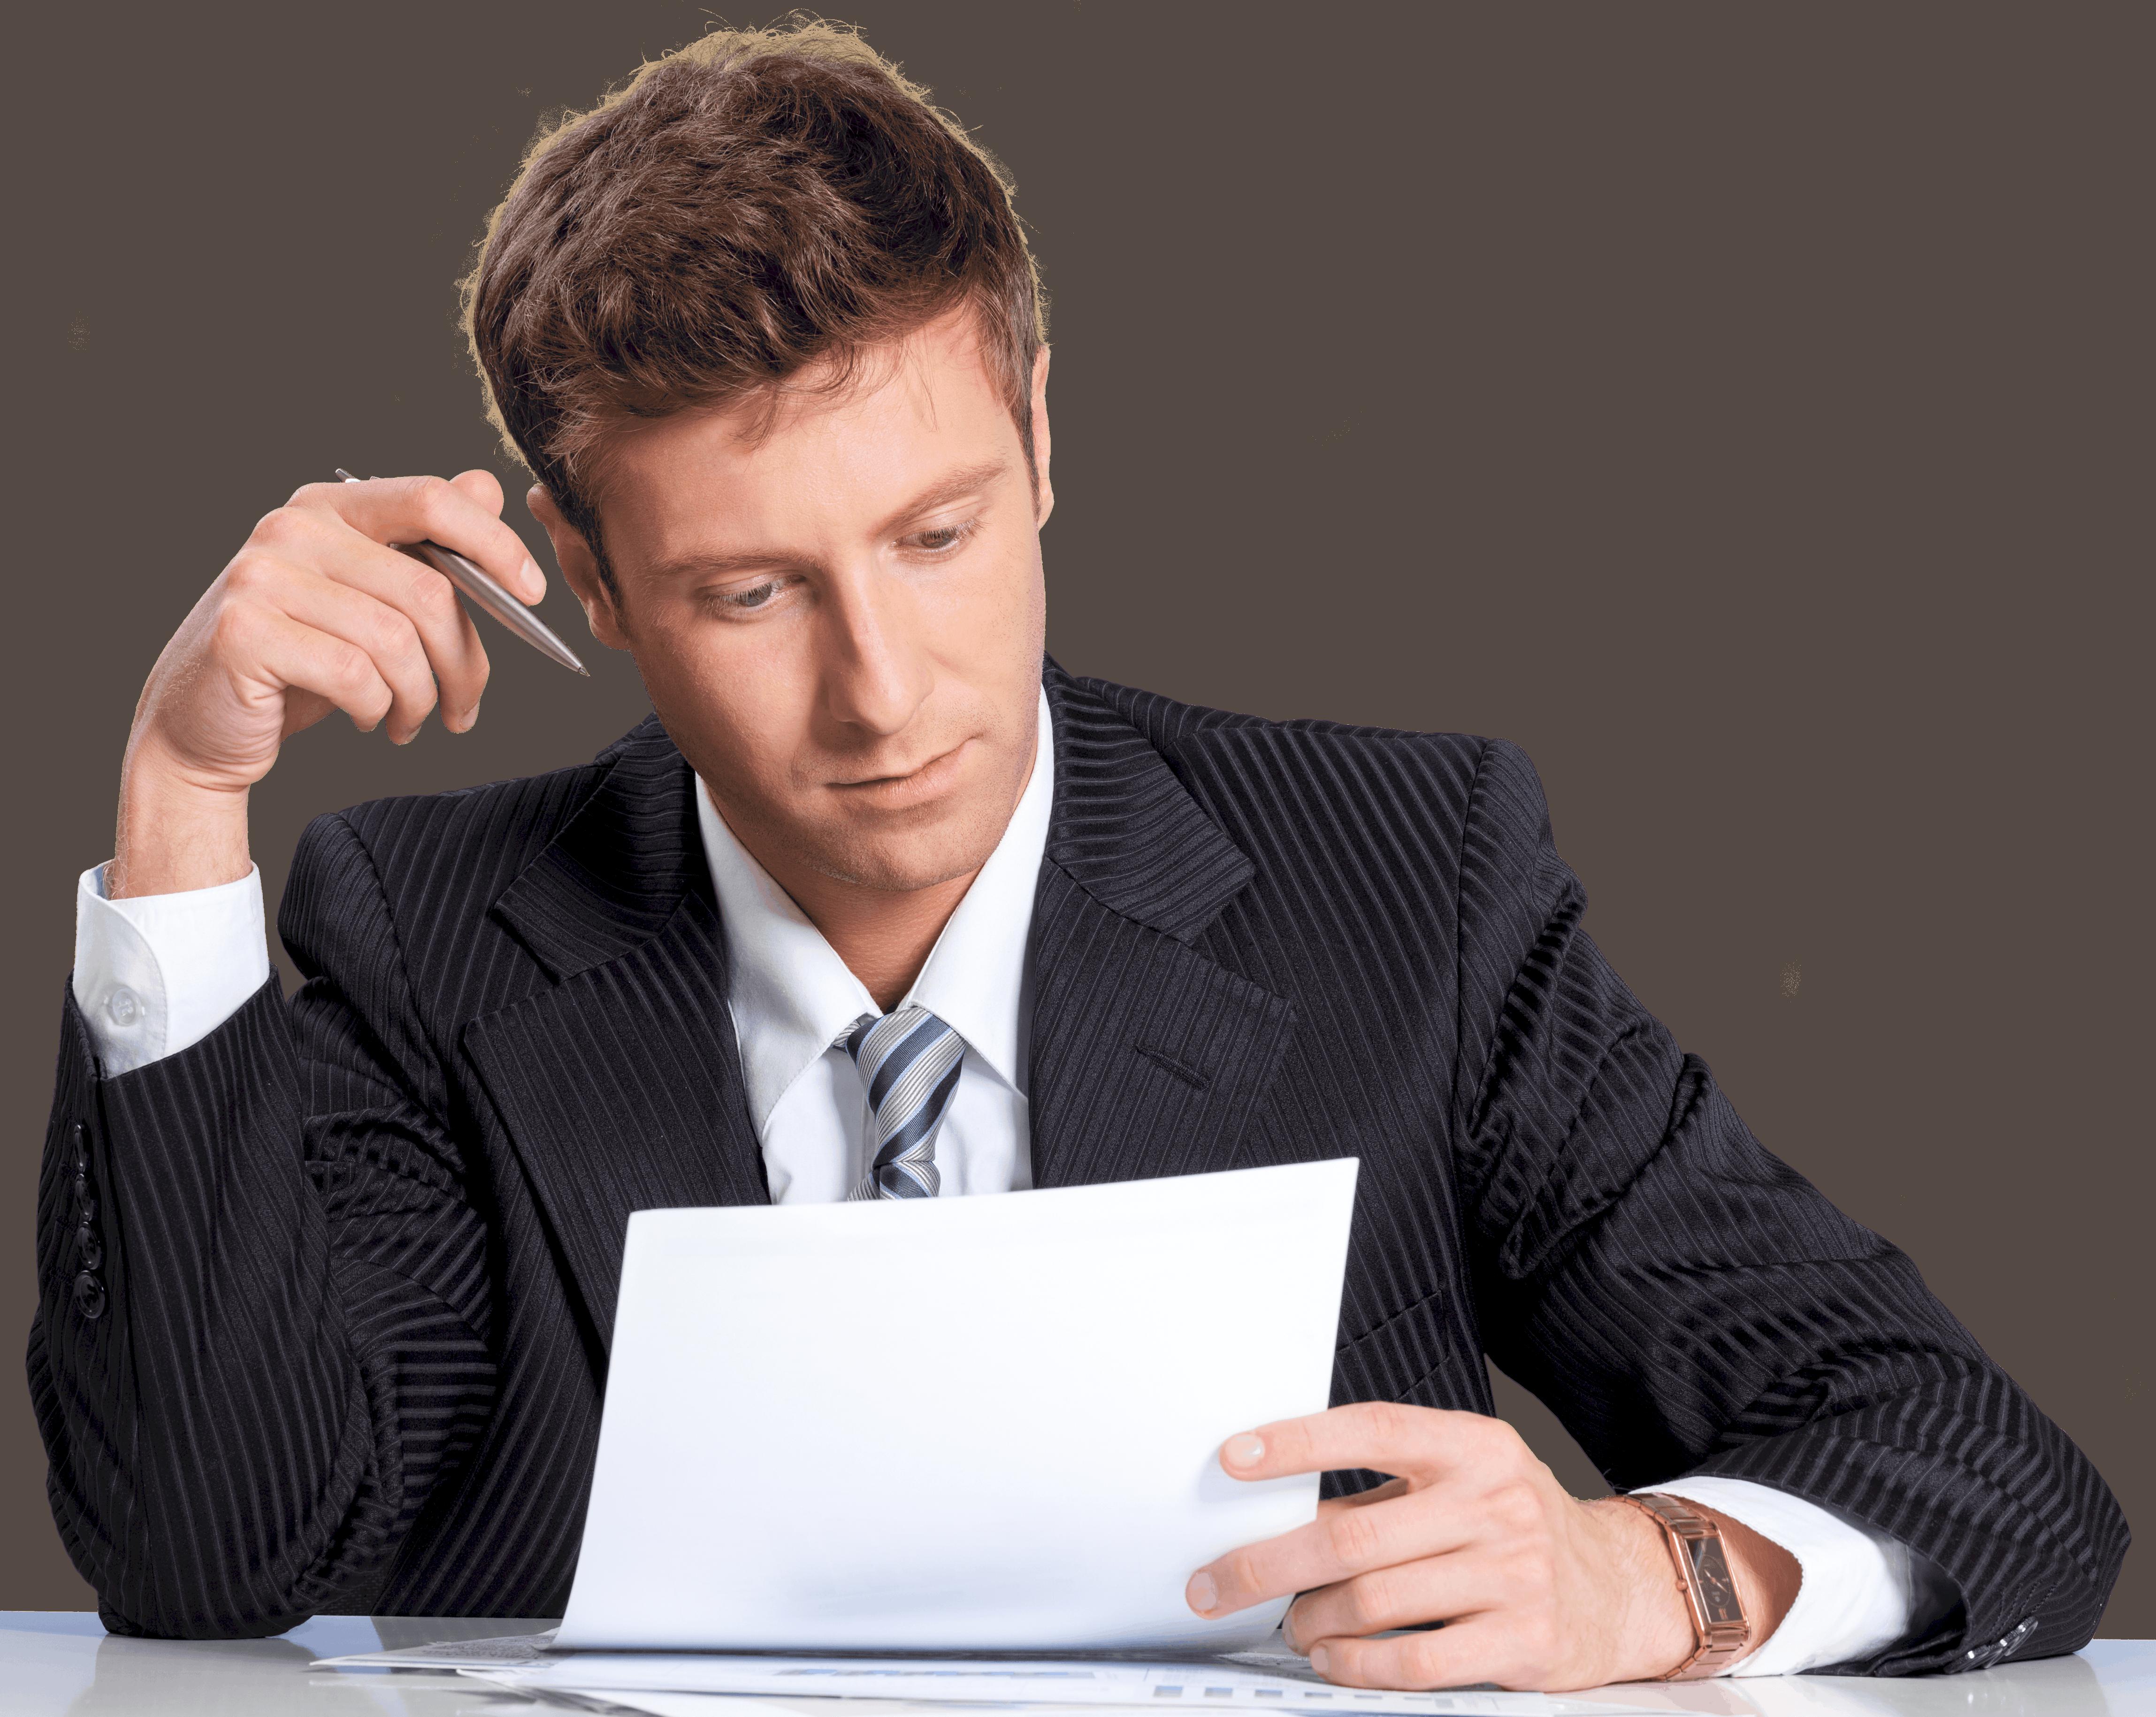 Berufszulassung für Wohnimmobilienverwalter und Immobilienmakler